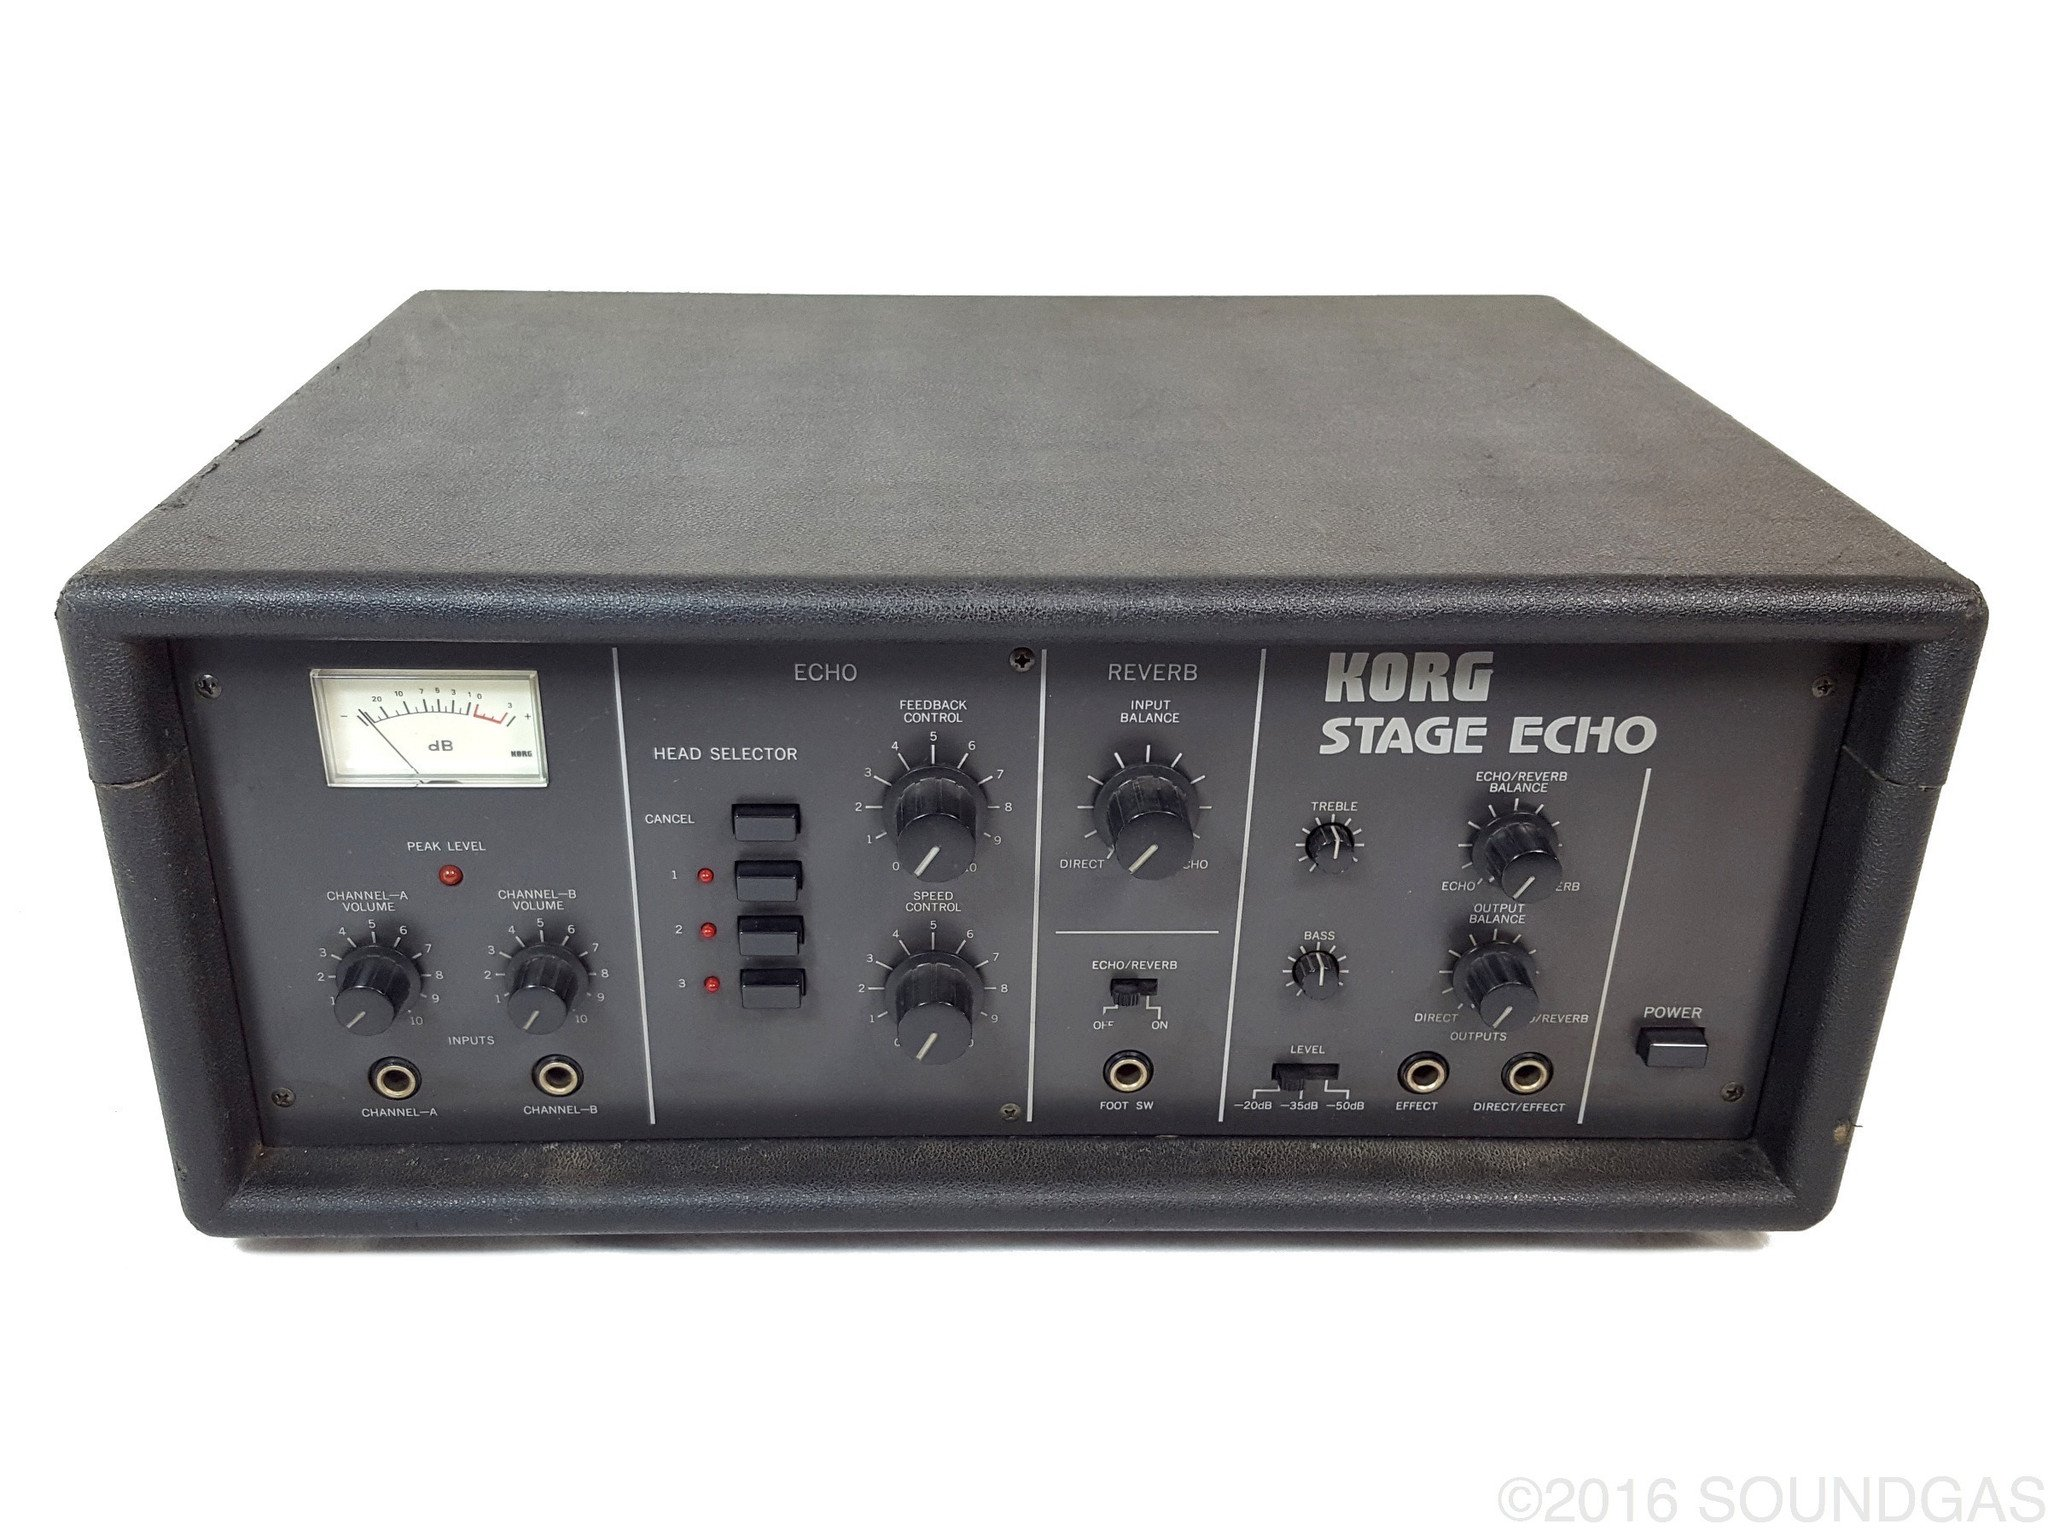 KORG SE-300 STAGE ECHO